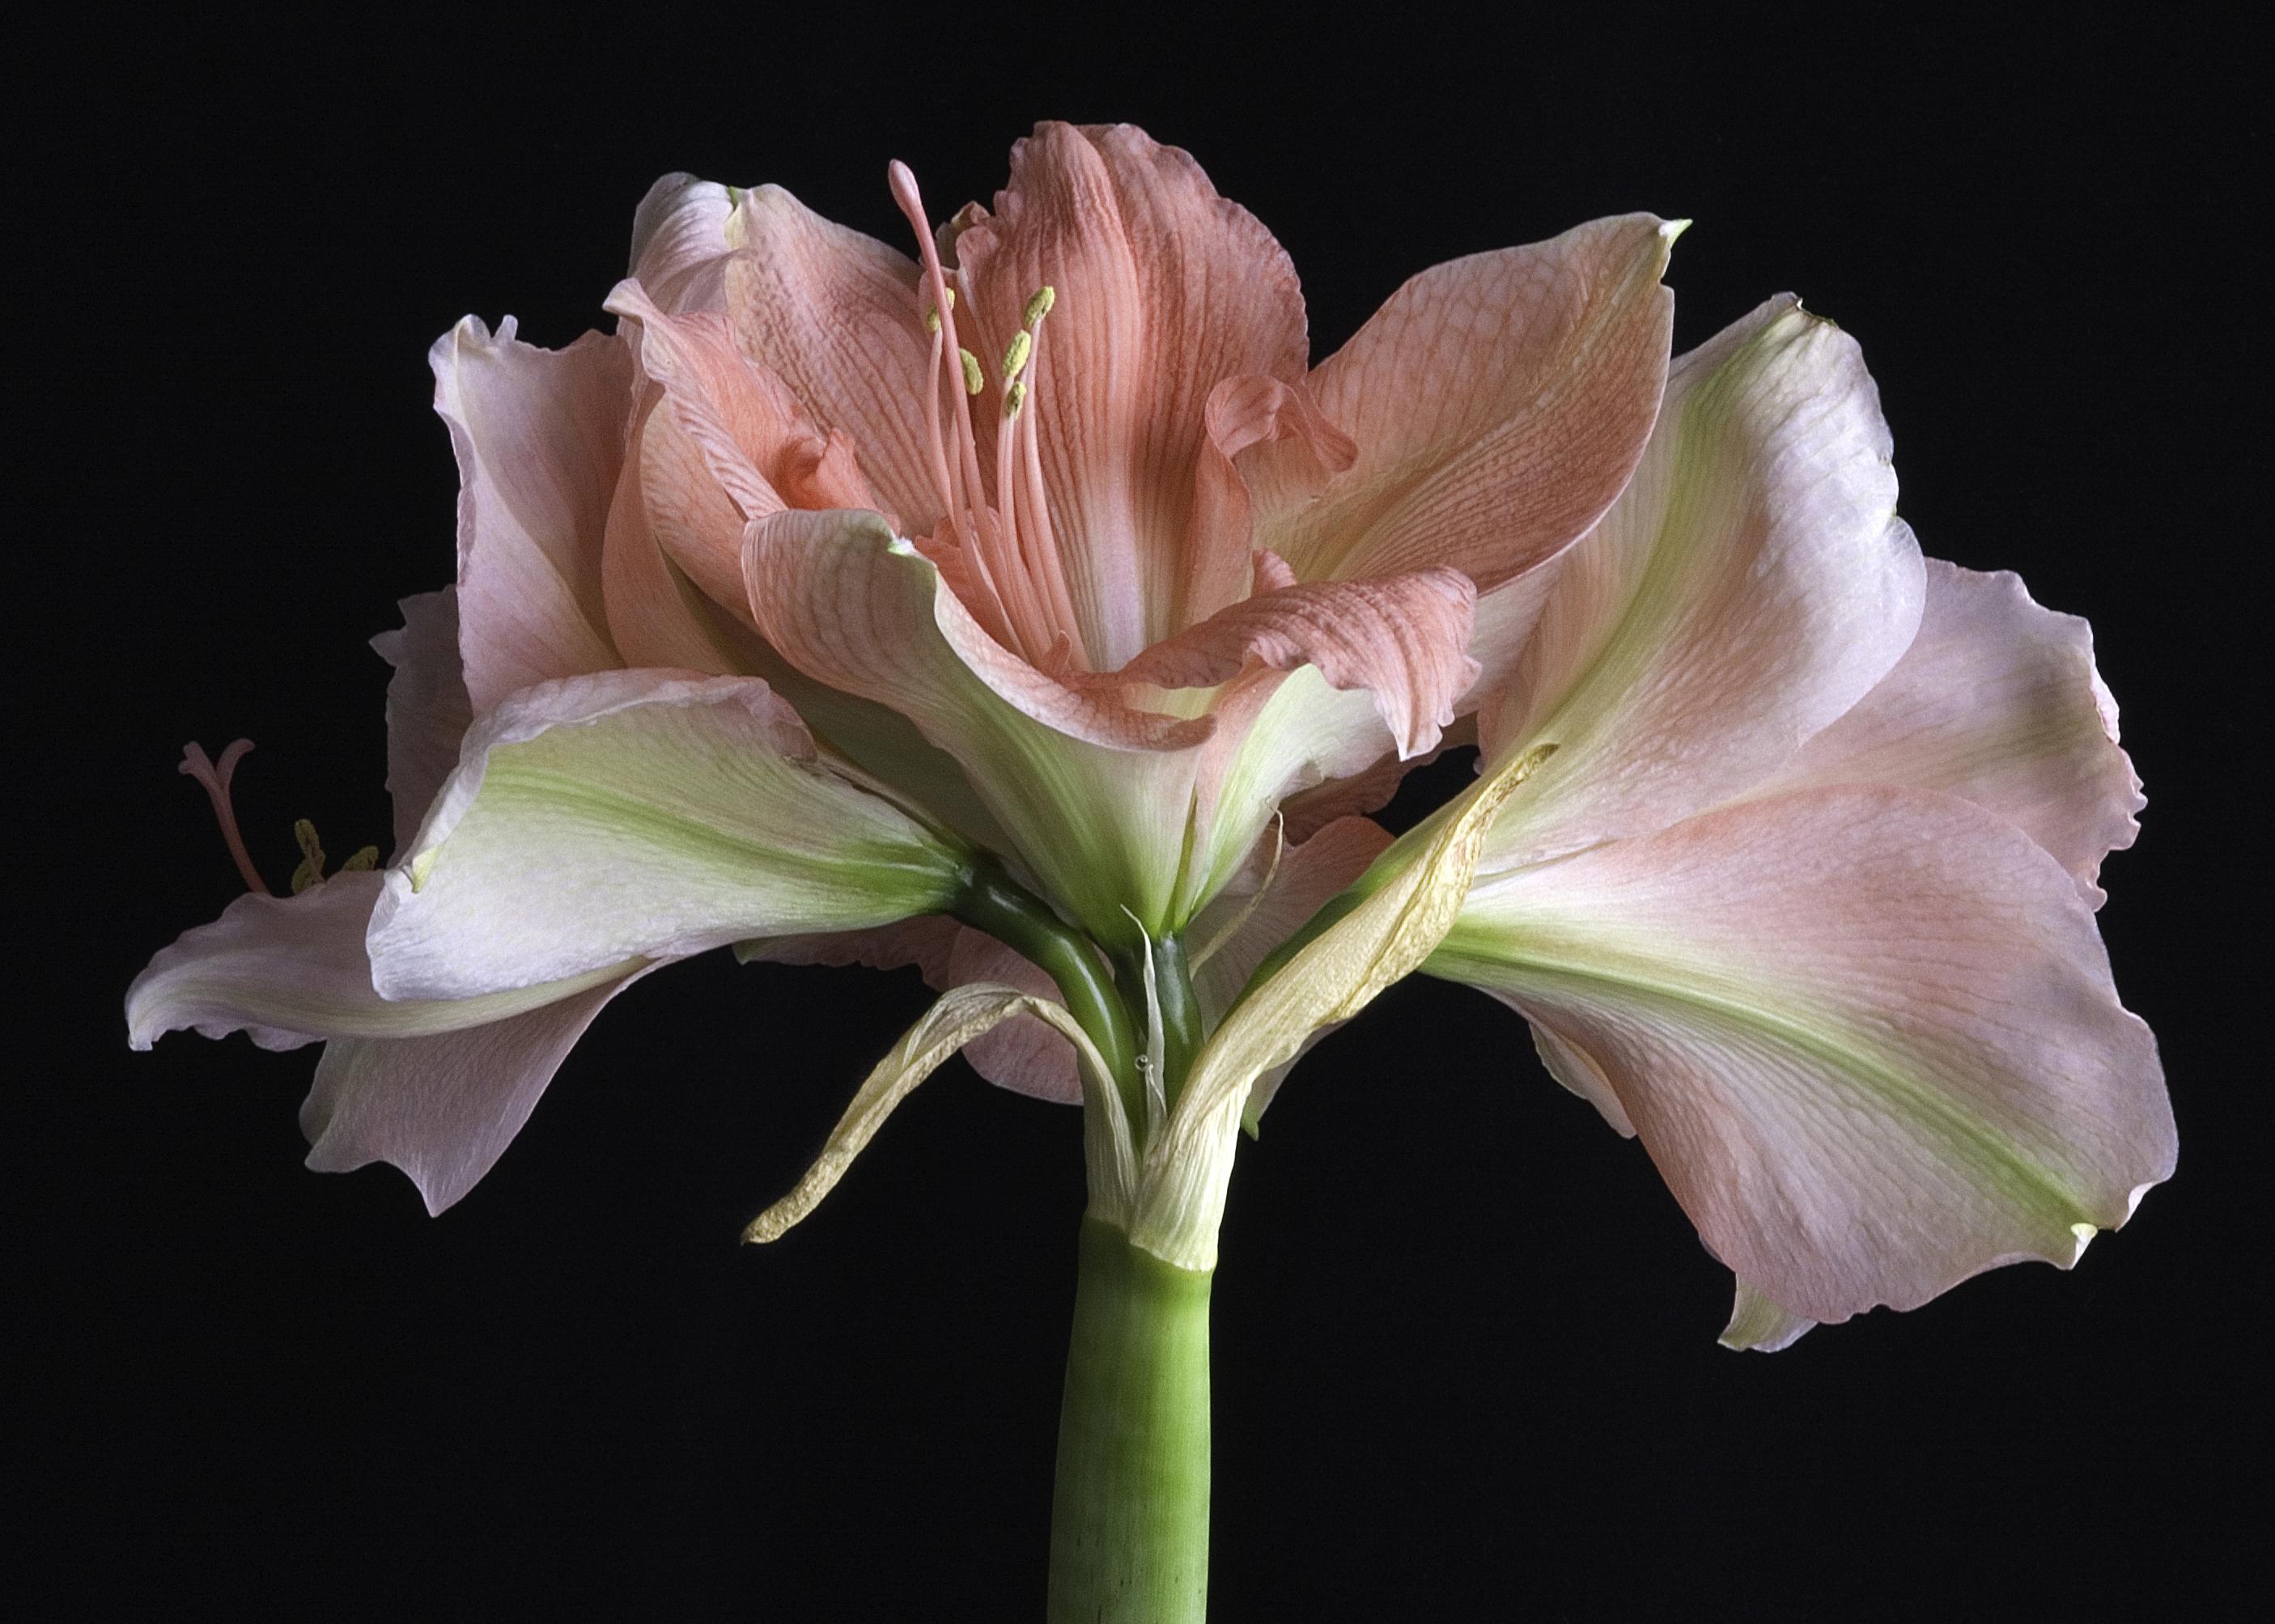 Уход за гиппеаструмом после цветения в домашних условиях